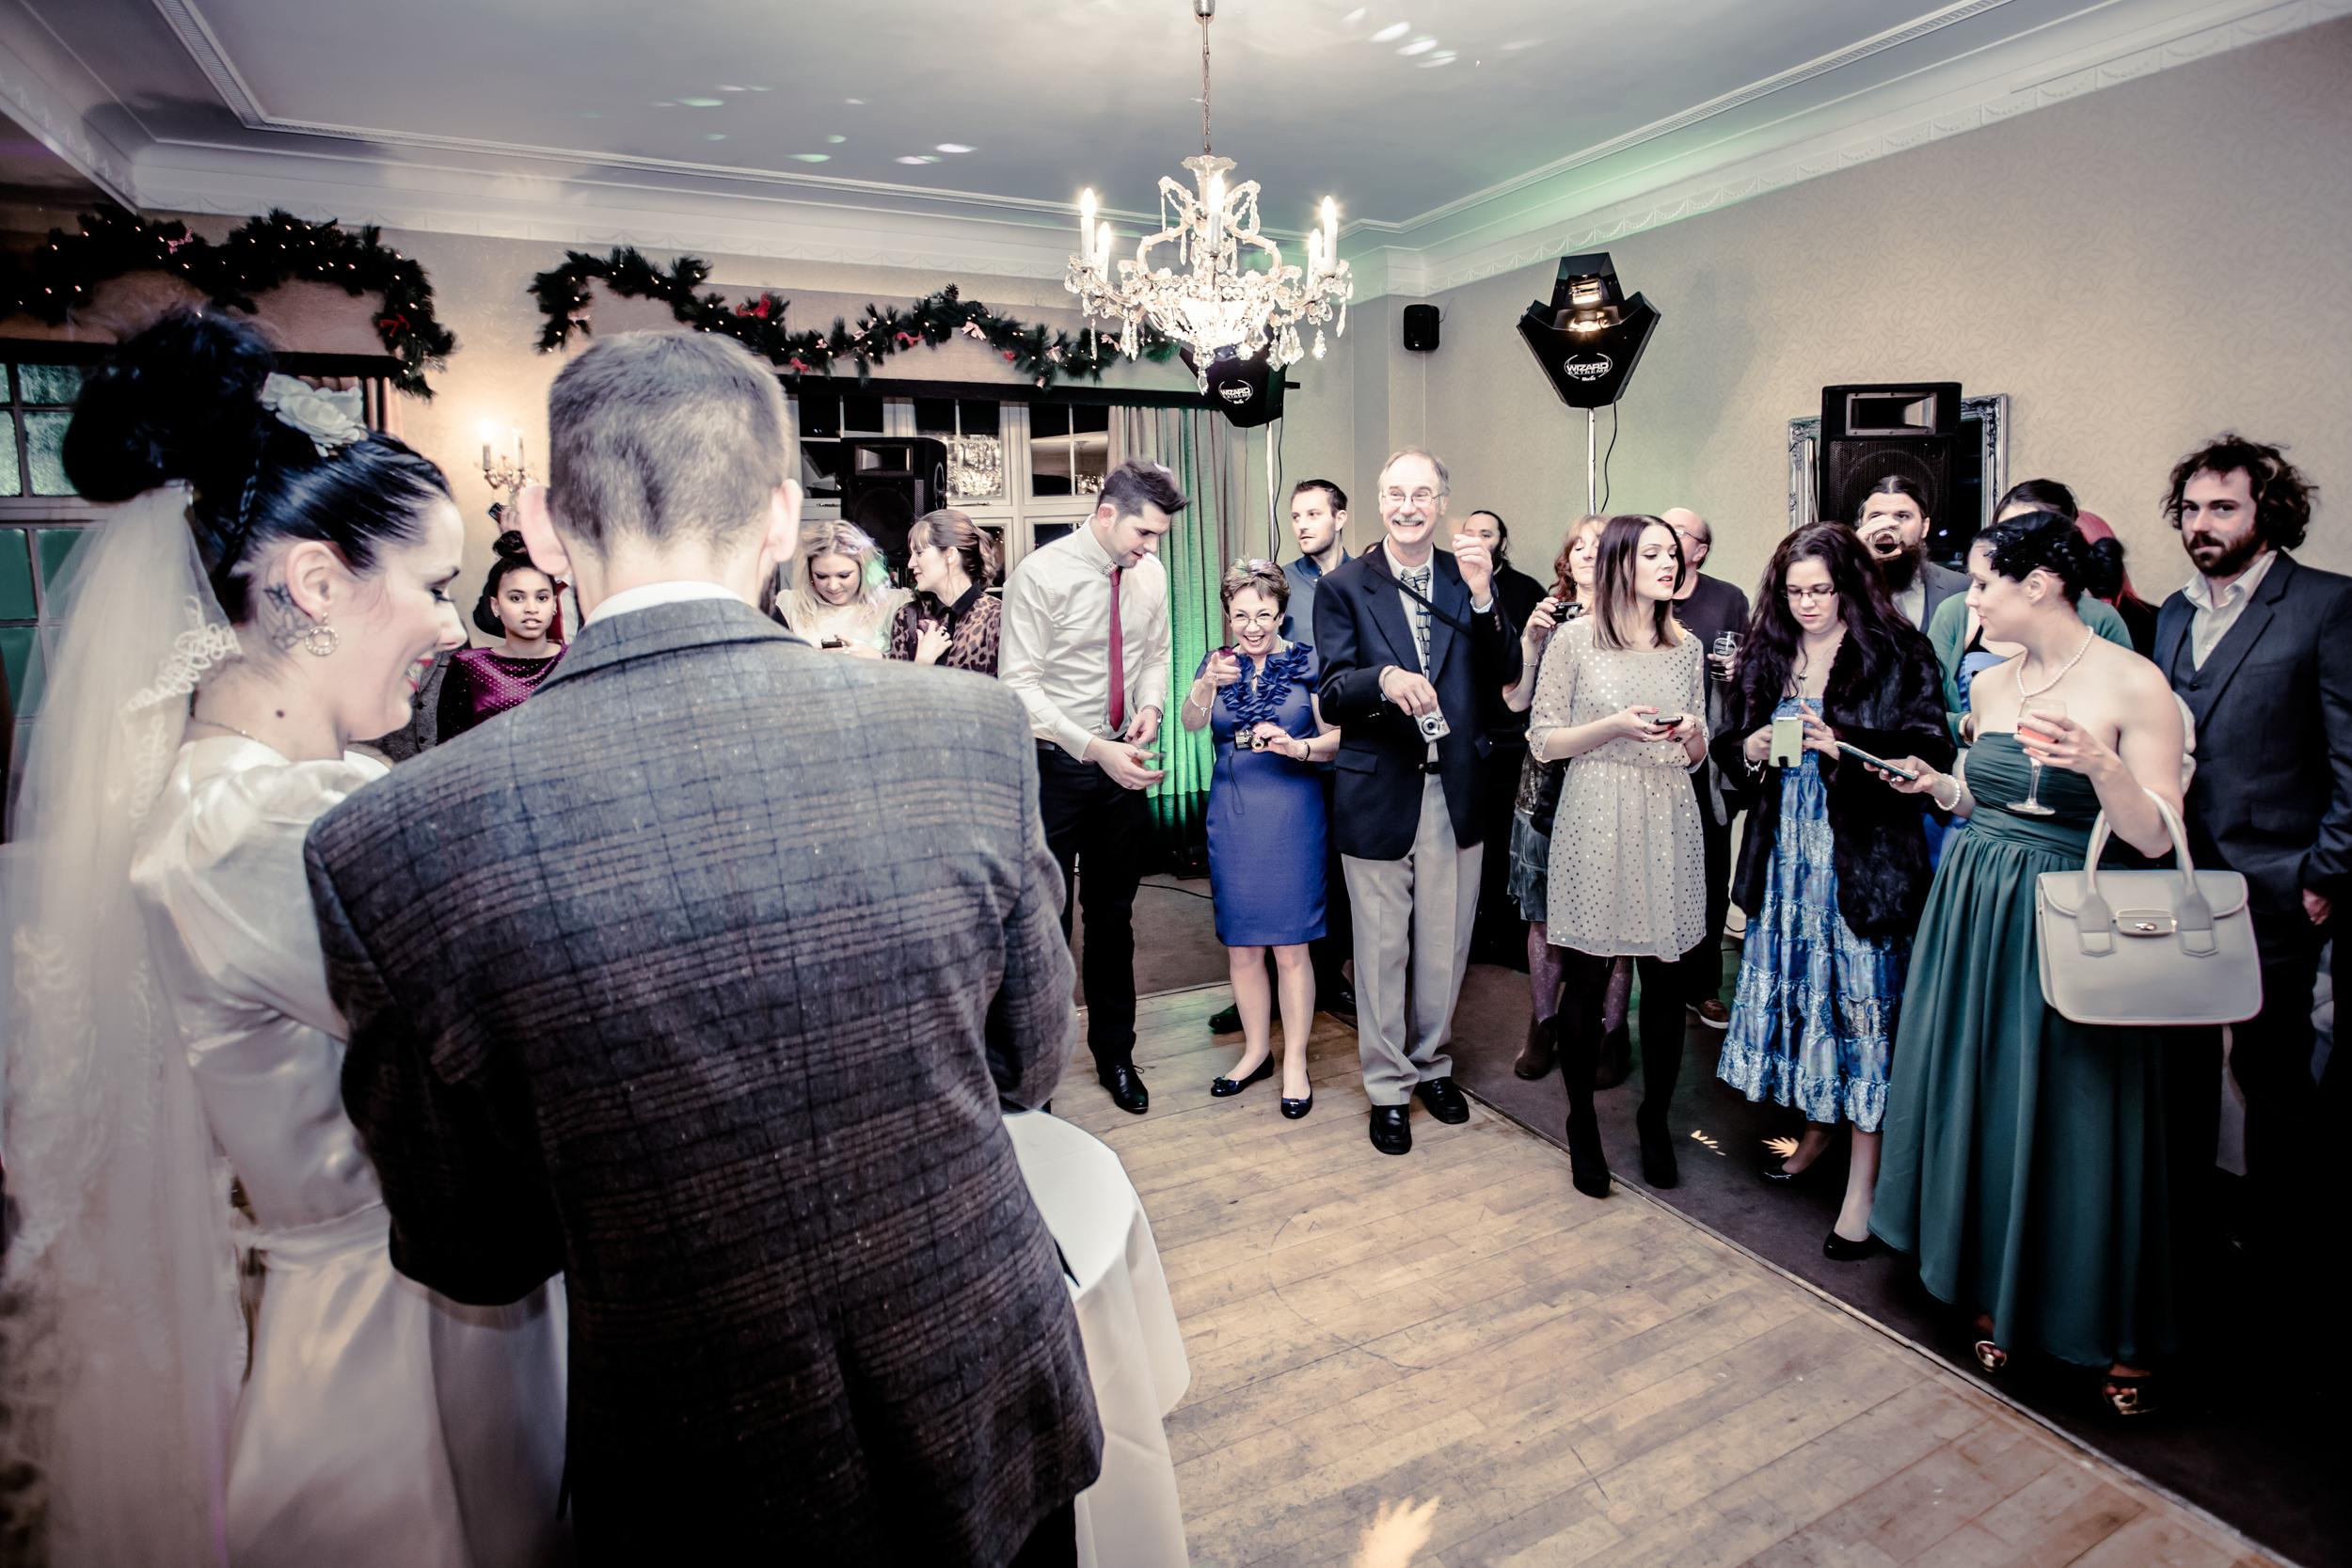 186 - Angela and Karls Wedding by www.markpugh.com -7235.jpg